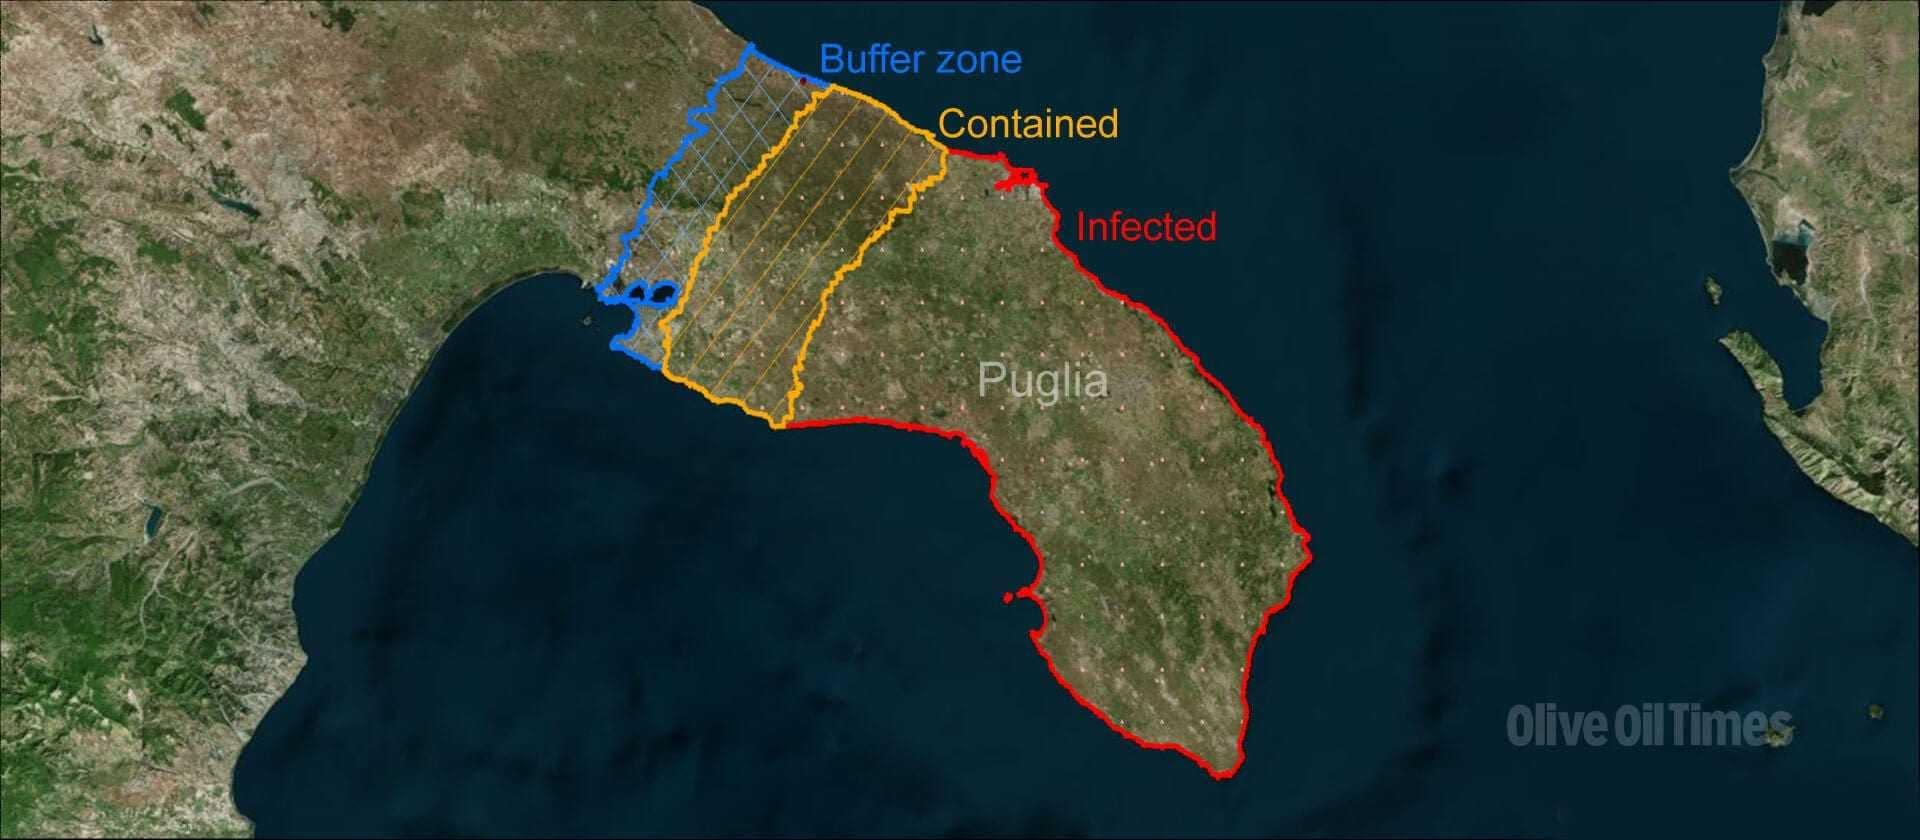 Mappa Xylella Puglia.Dove Stanno Morendo Gli Ulivi Un Rapporto In Prima Linea Su Xylella Olive Oil Times